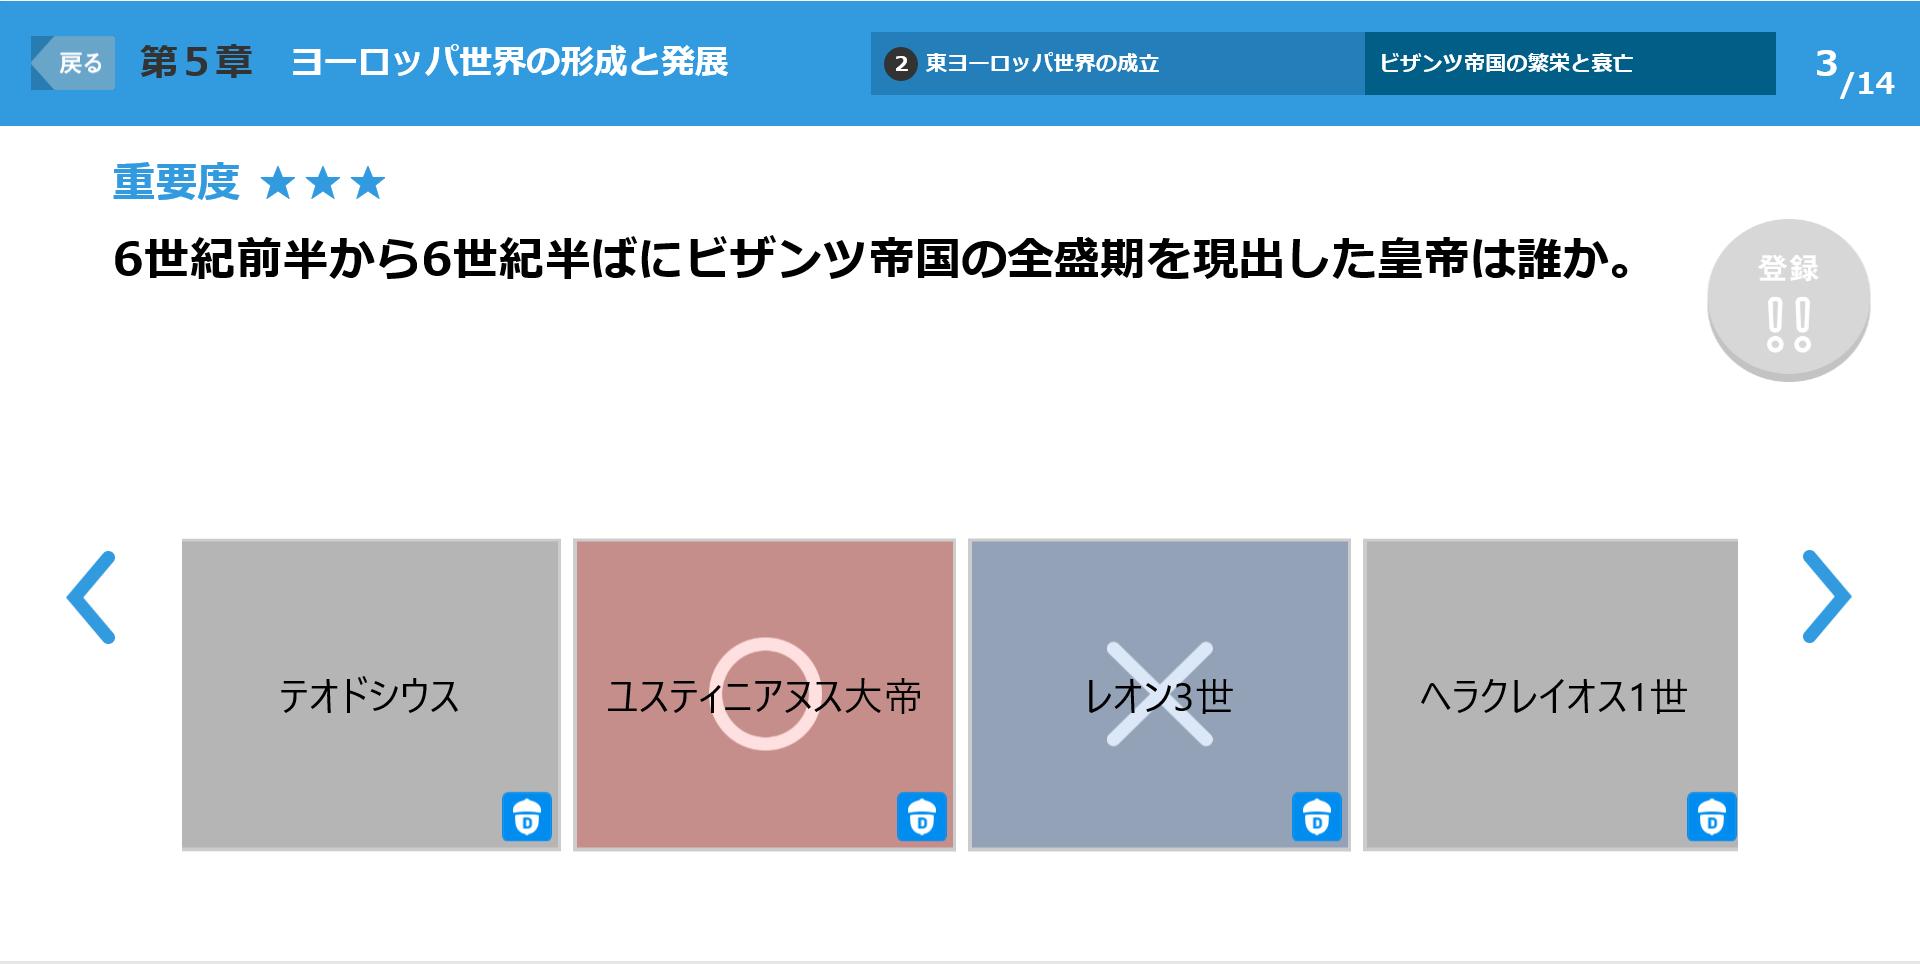 山川世界史画面イメージ